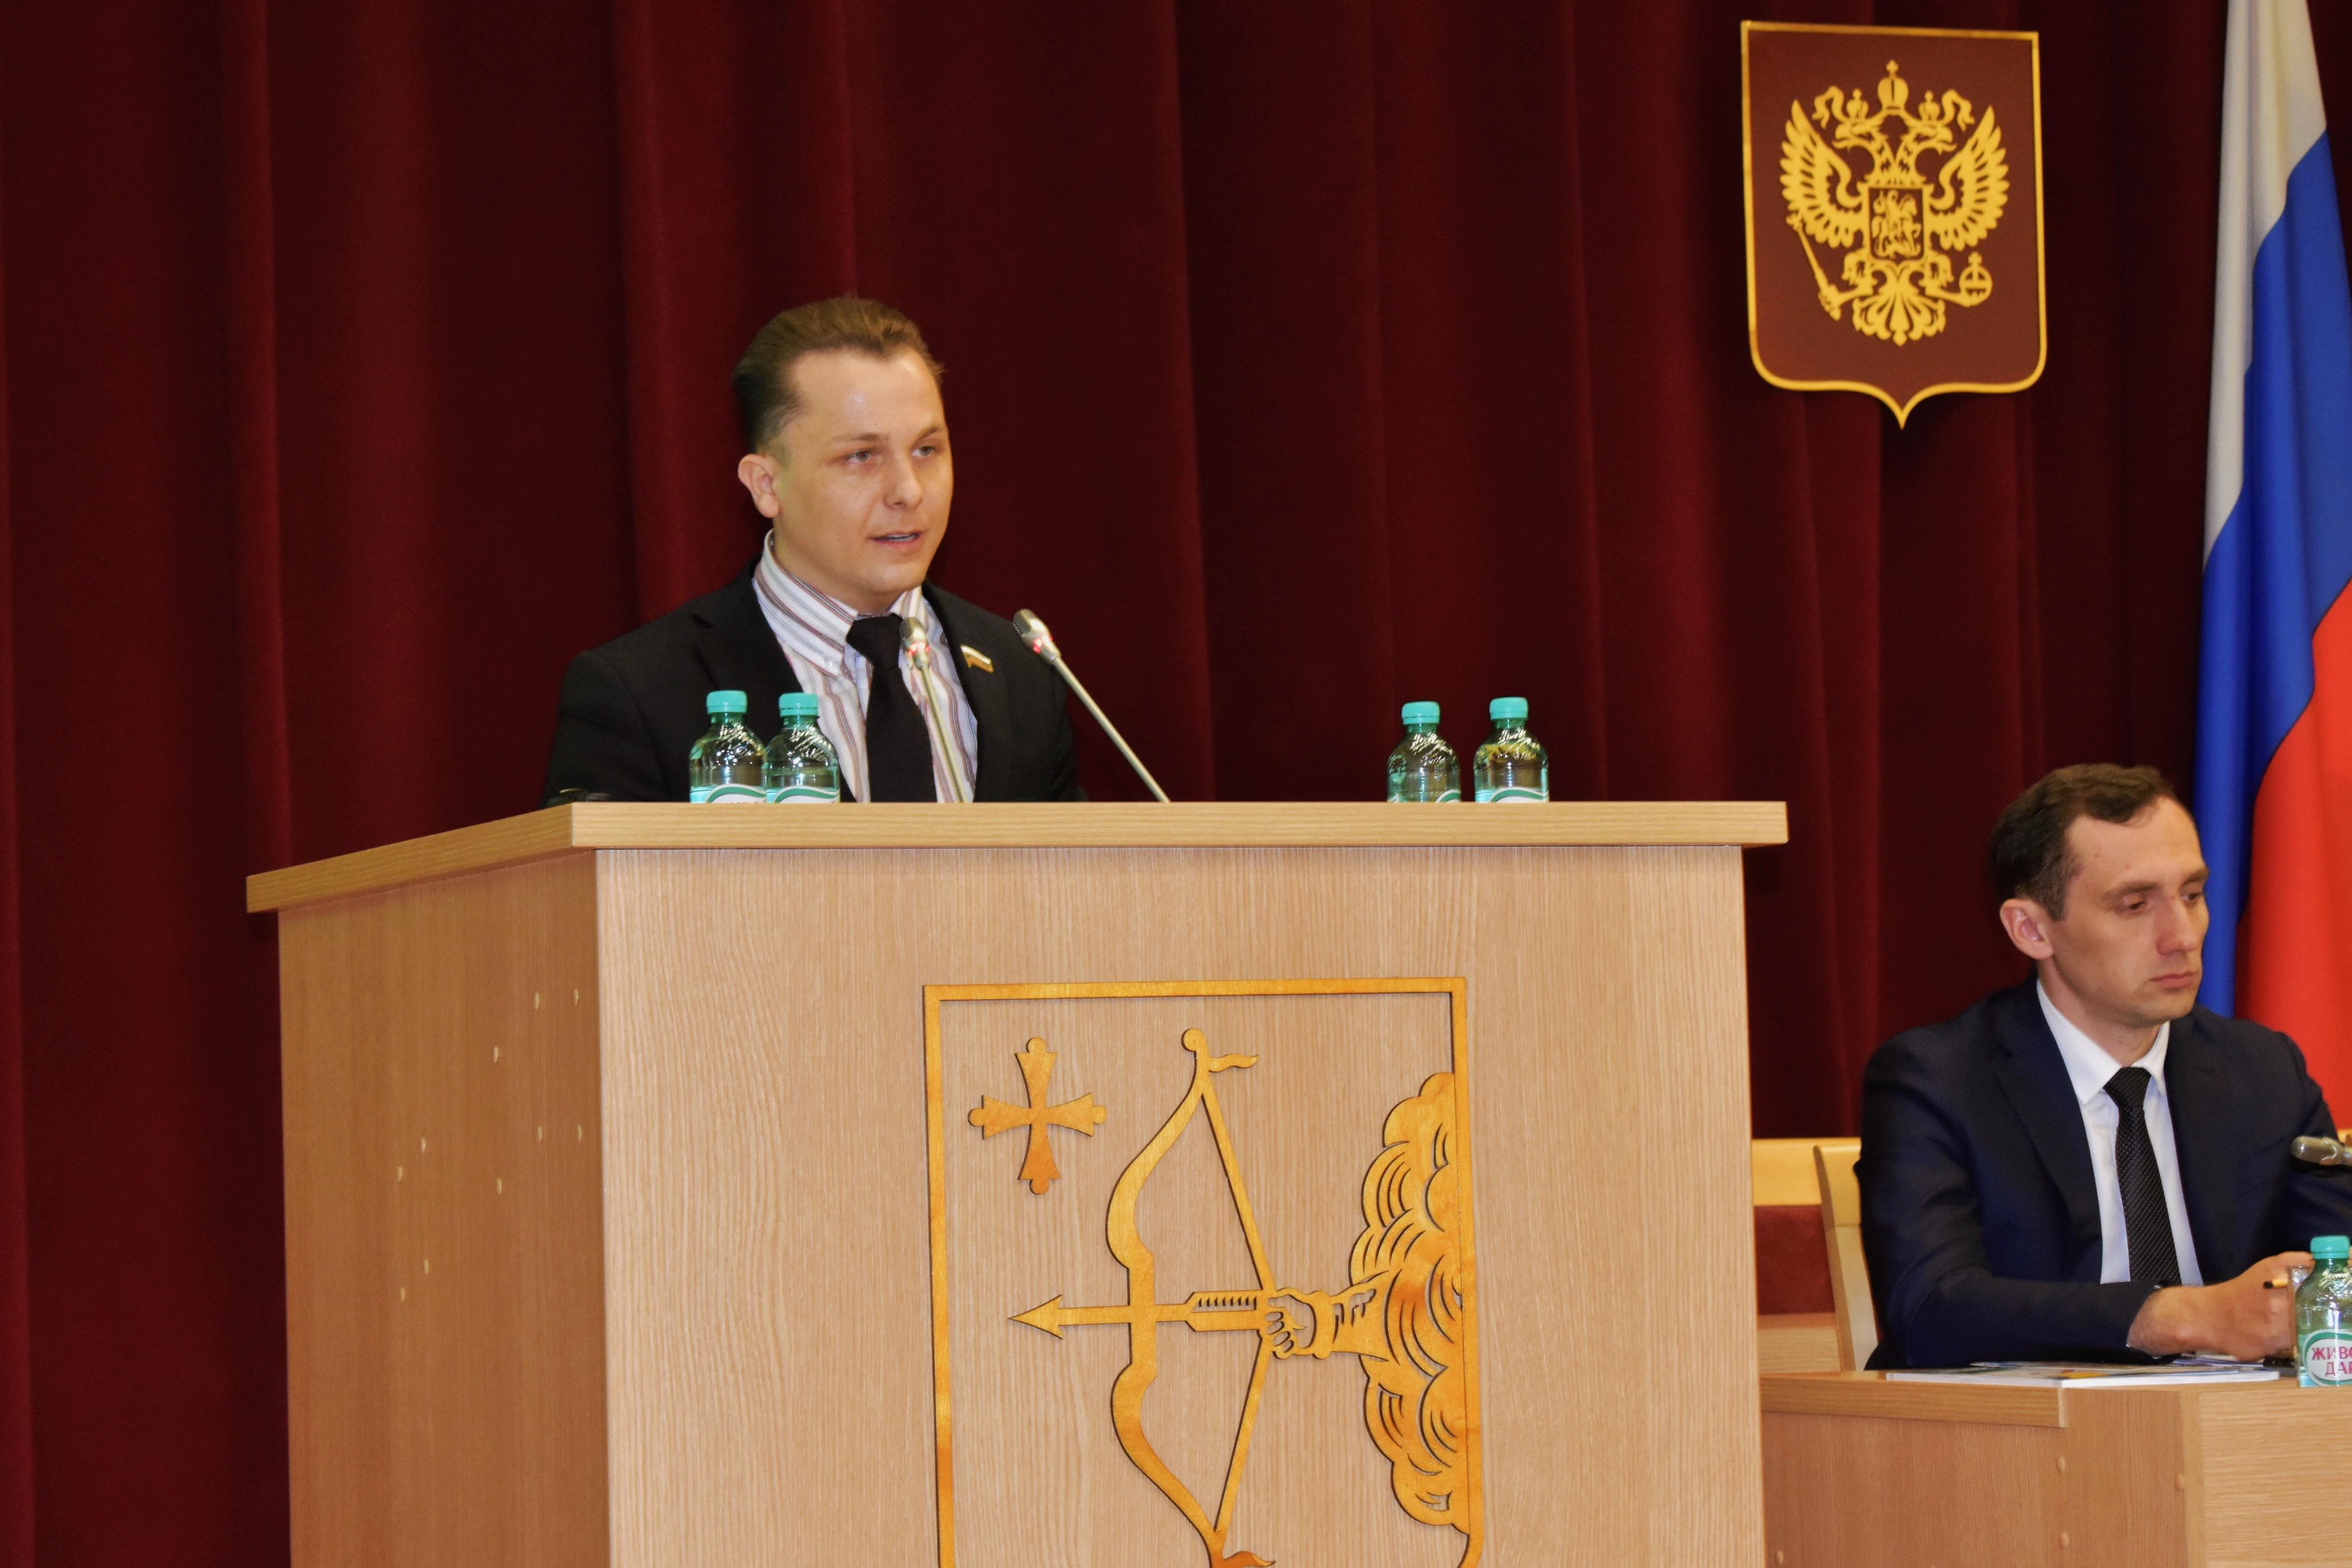 Георгий Лугинин: «Школы продолжают закрываться - Курдюмов продолжает закрывать на это глаза!»